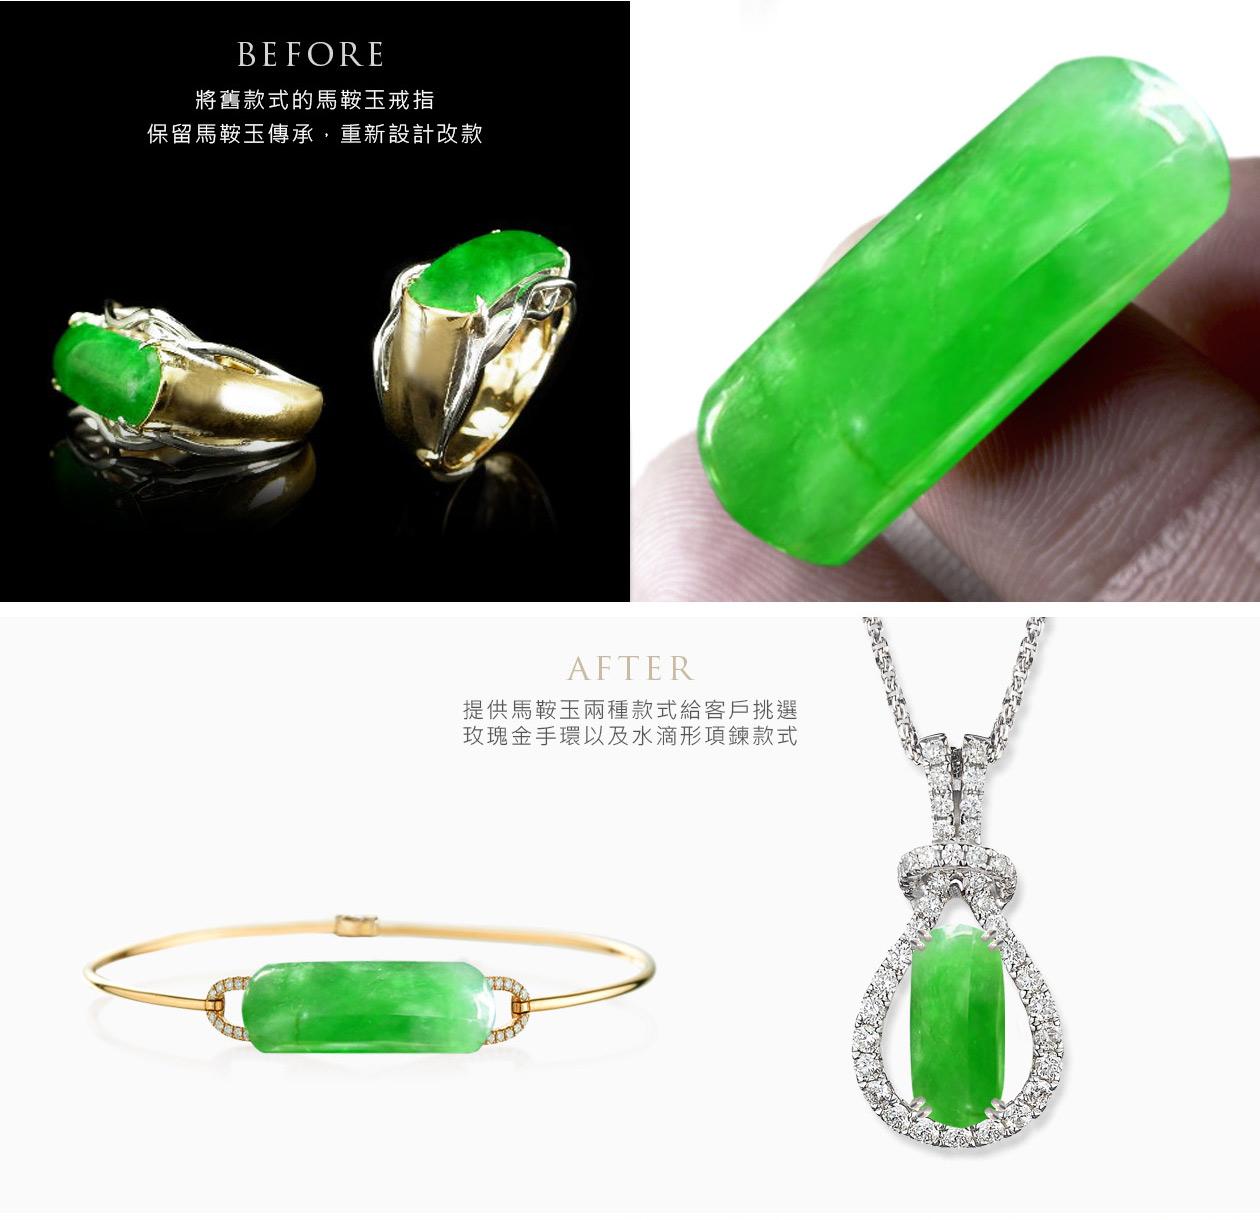 馬鞍玉戒指改款成:玫瑰金手環,白18K金水滴鑽石項鍊